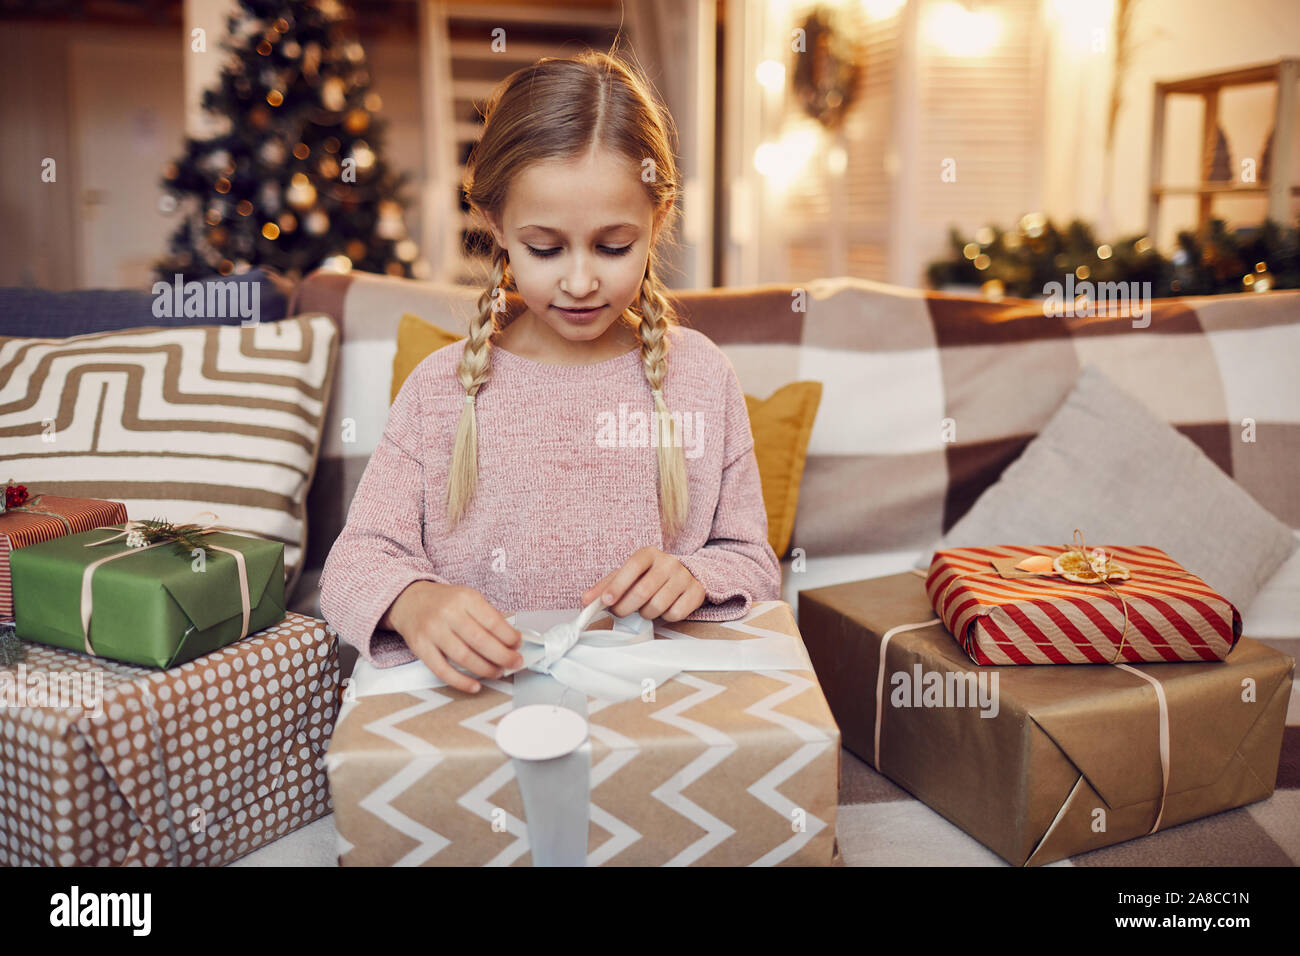 Petite fille assise sur le canapé et l'ouverture de gros cadeau de Noël qu'elle l'obtenant de Père Noël pour Noël à la maison Banque D'Images